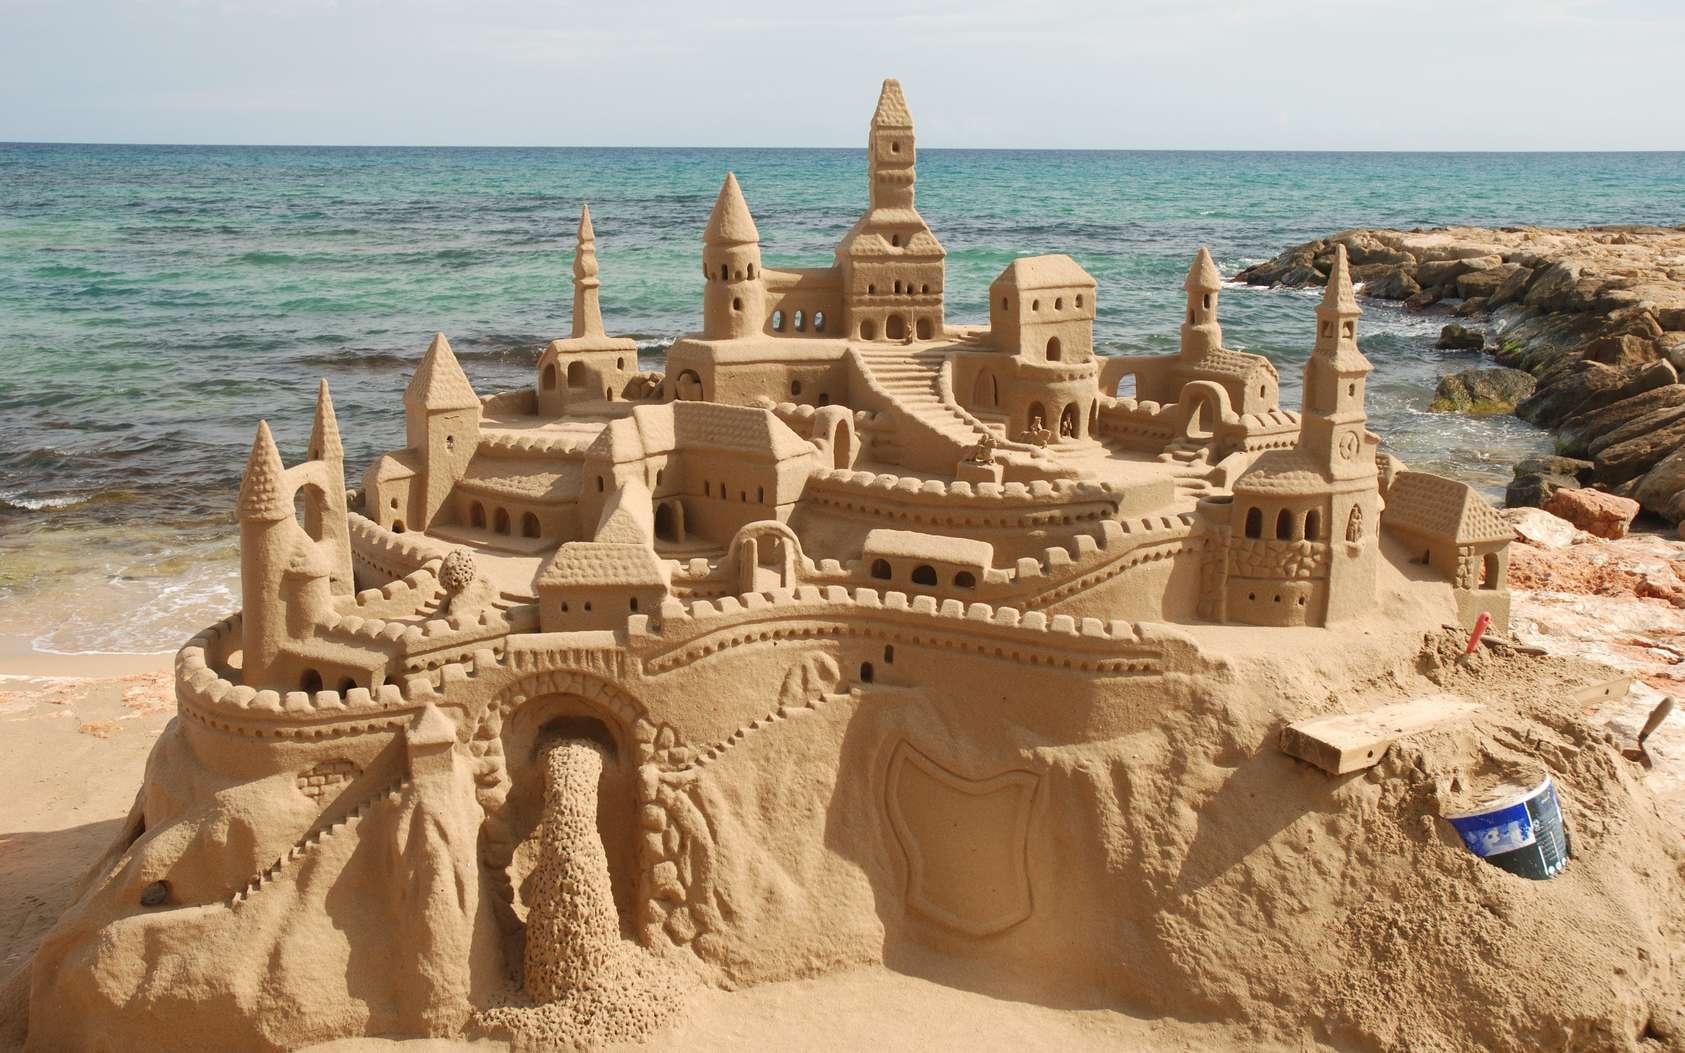 Pour construire le château de sable parfait, il ne faut pas utiliser trop d'eau et ne pas hésiter à se salir les mains. © philipus, Fotolia